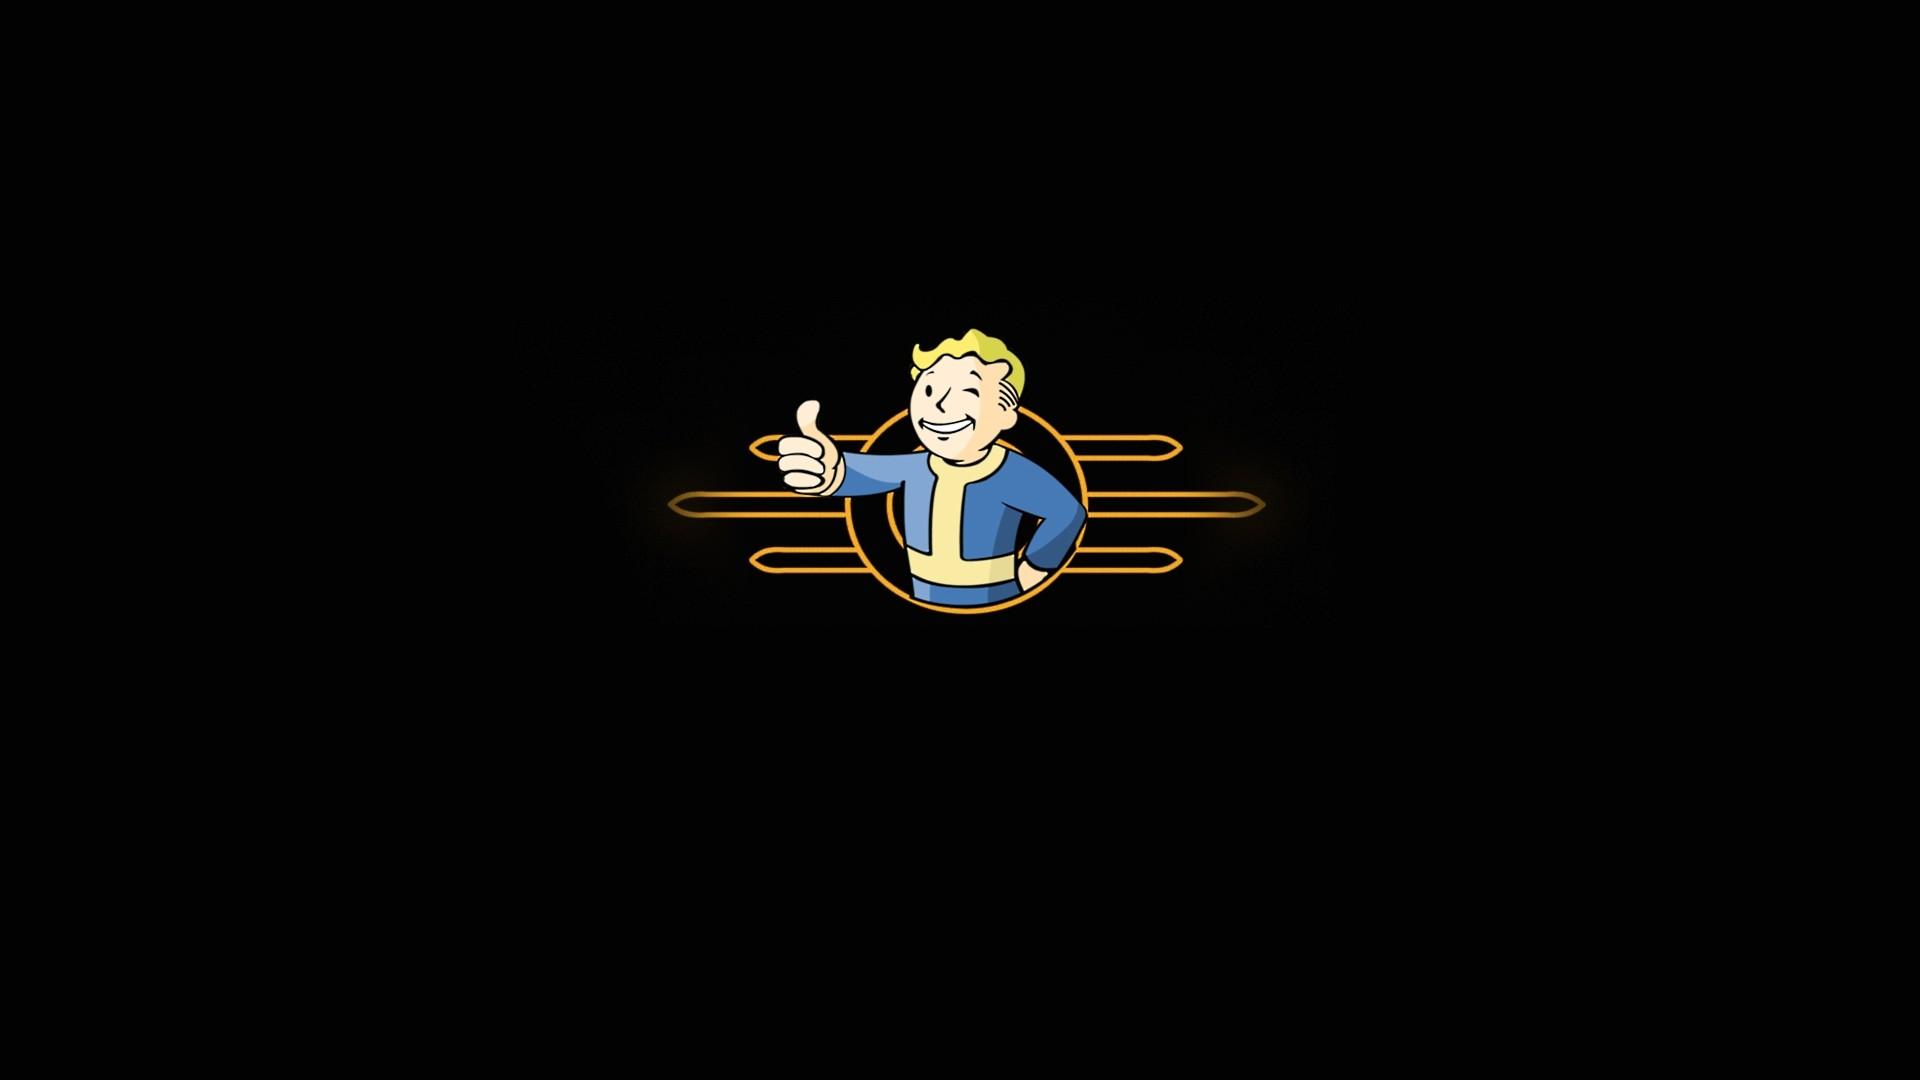 Res: 1920x1080, Fallout Wallpaper 25005